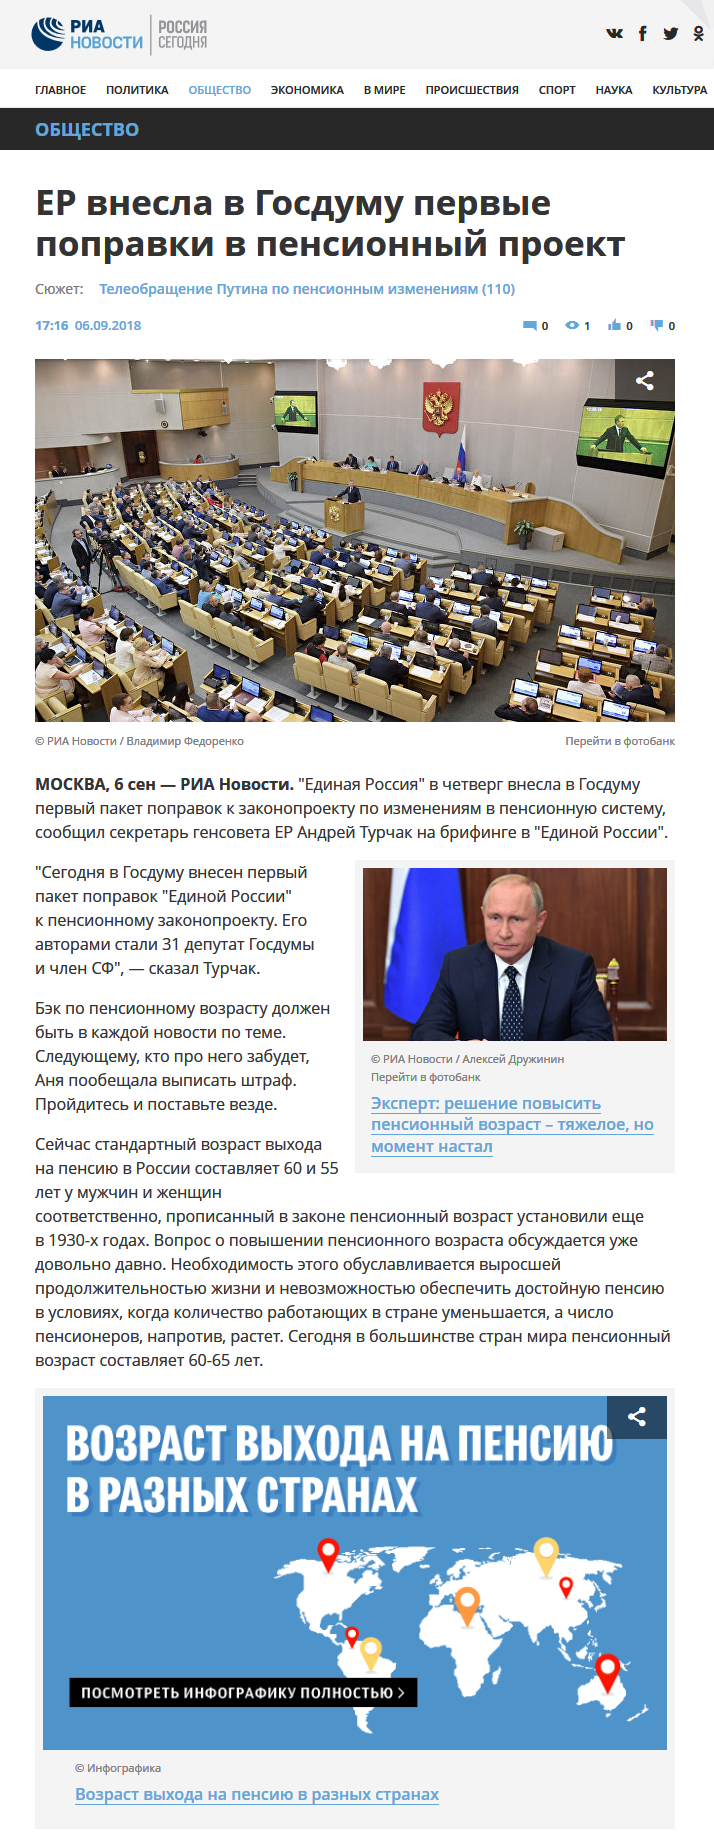 20180906_17-16-ЕР внесла в Госдуму первые поправки в пенсионный проект~scr1googleX1